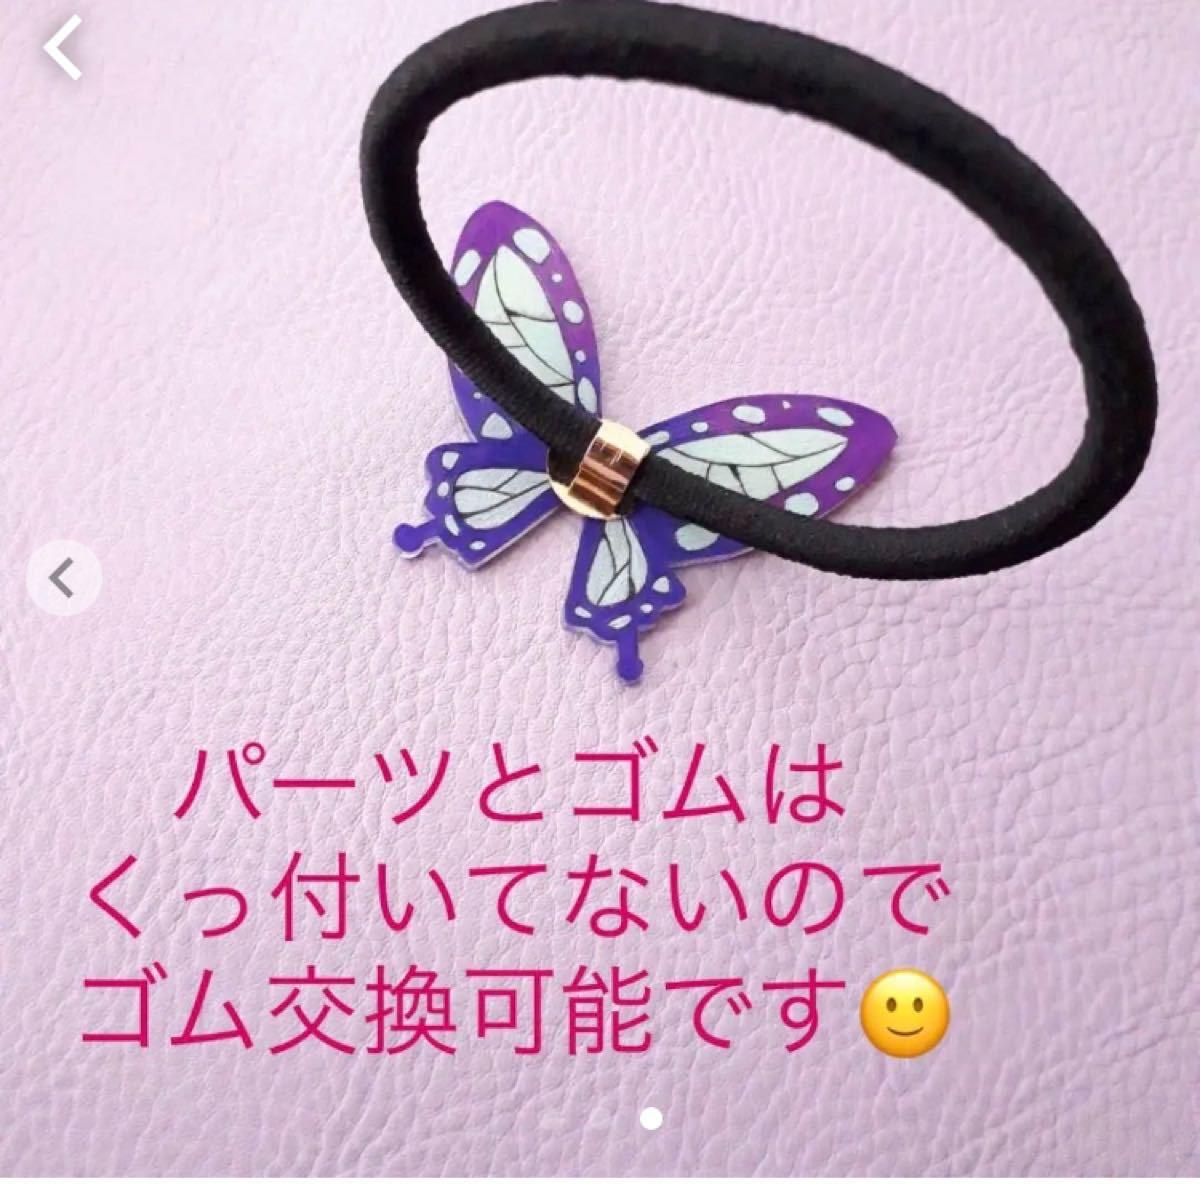 鬼滅の刃 ヘアゴムセット【胡蝶しのぶ、栗花落カナヲ】